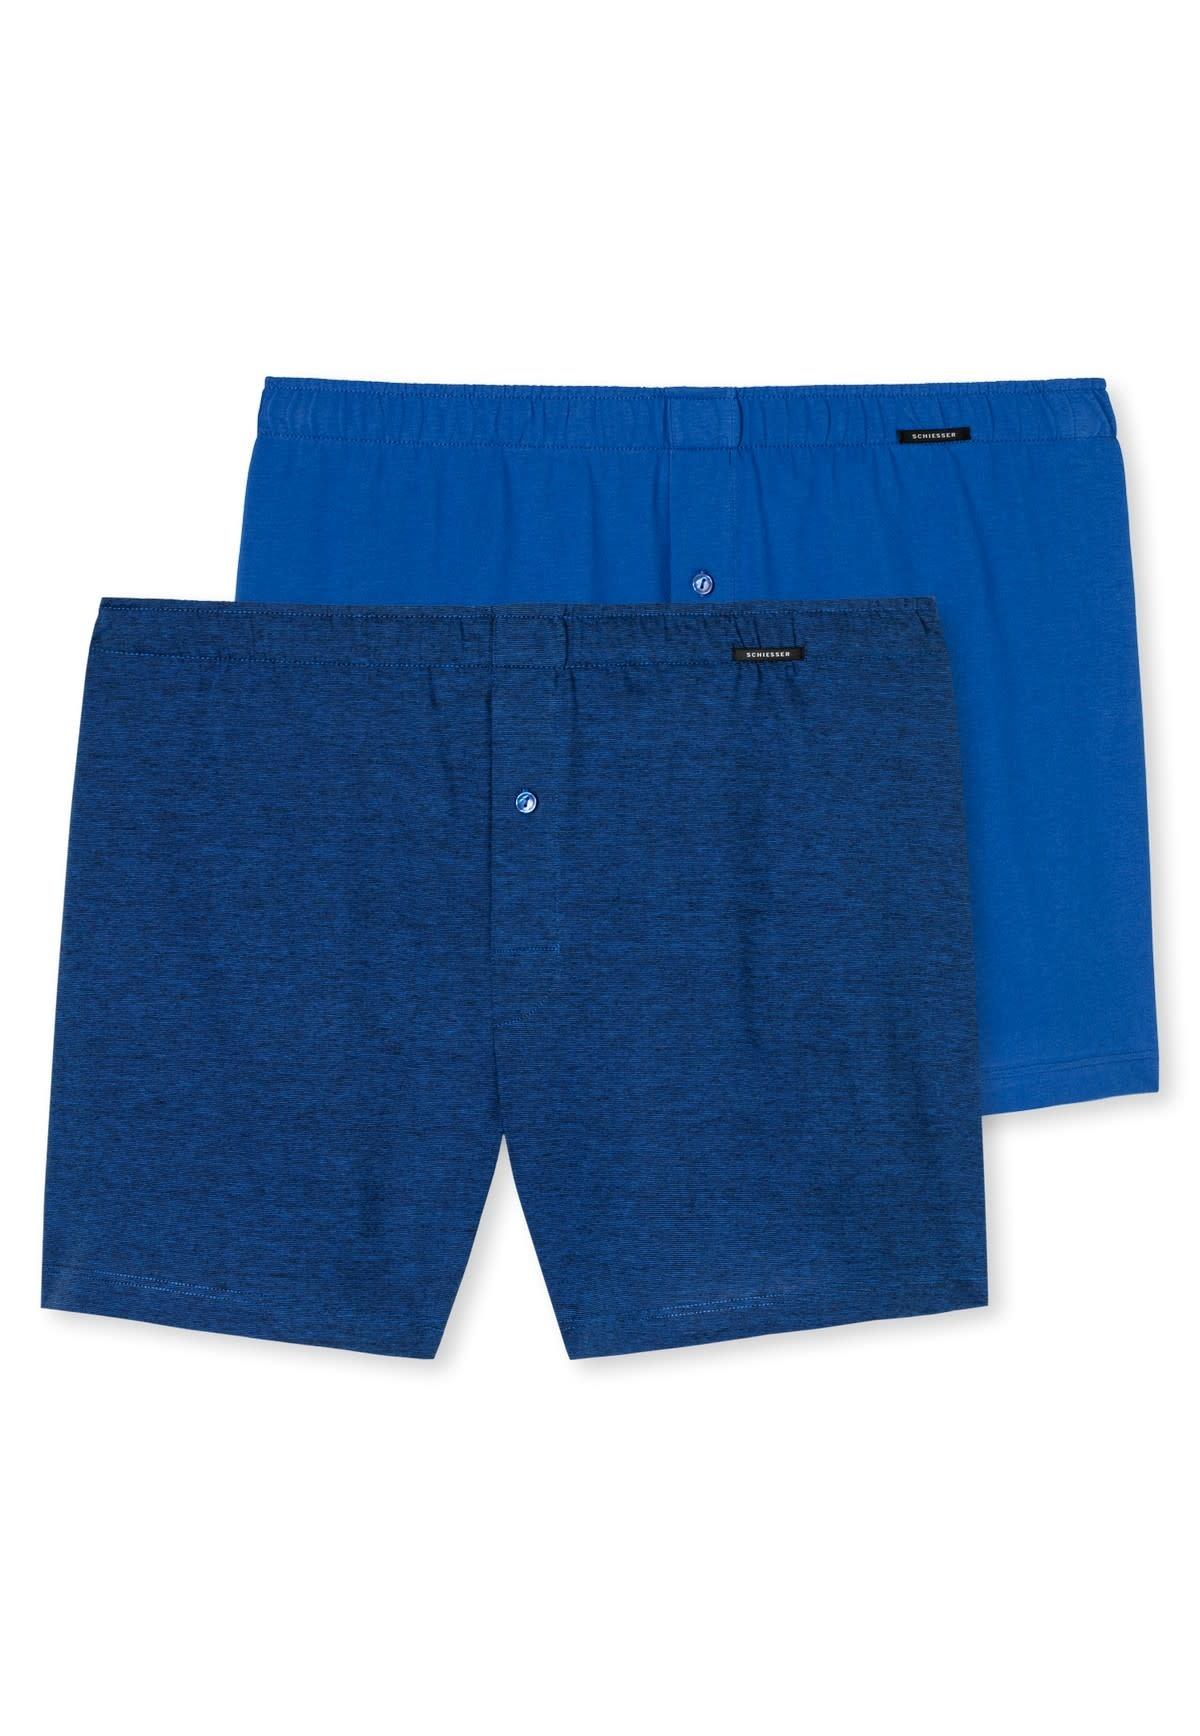 Boxershort 2-Pack 168446 - blauw-1